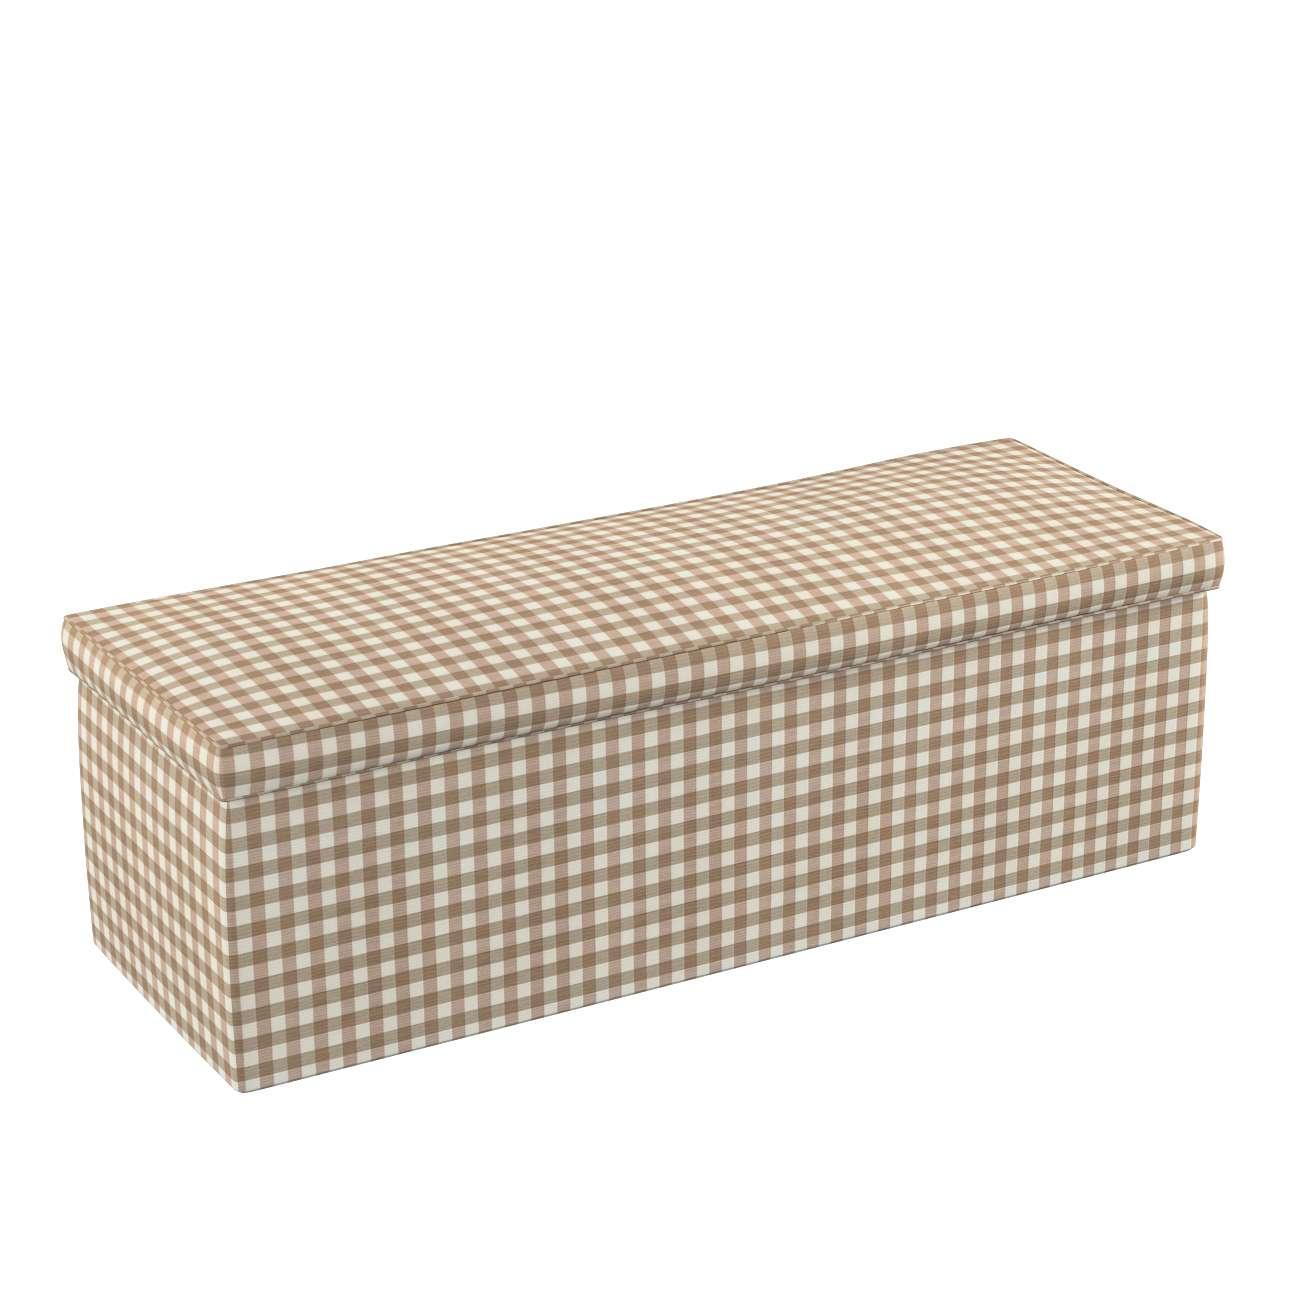 Skrzynia tapicerowana 90x40x40 cm w kolekcji Quadro, tkanina: 136-06